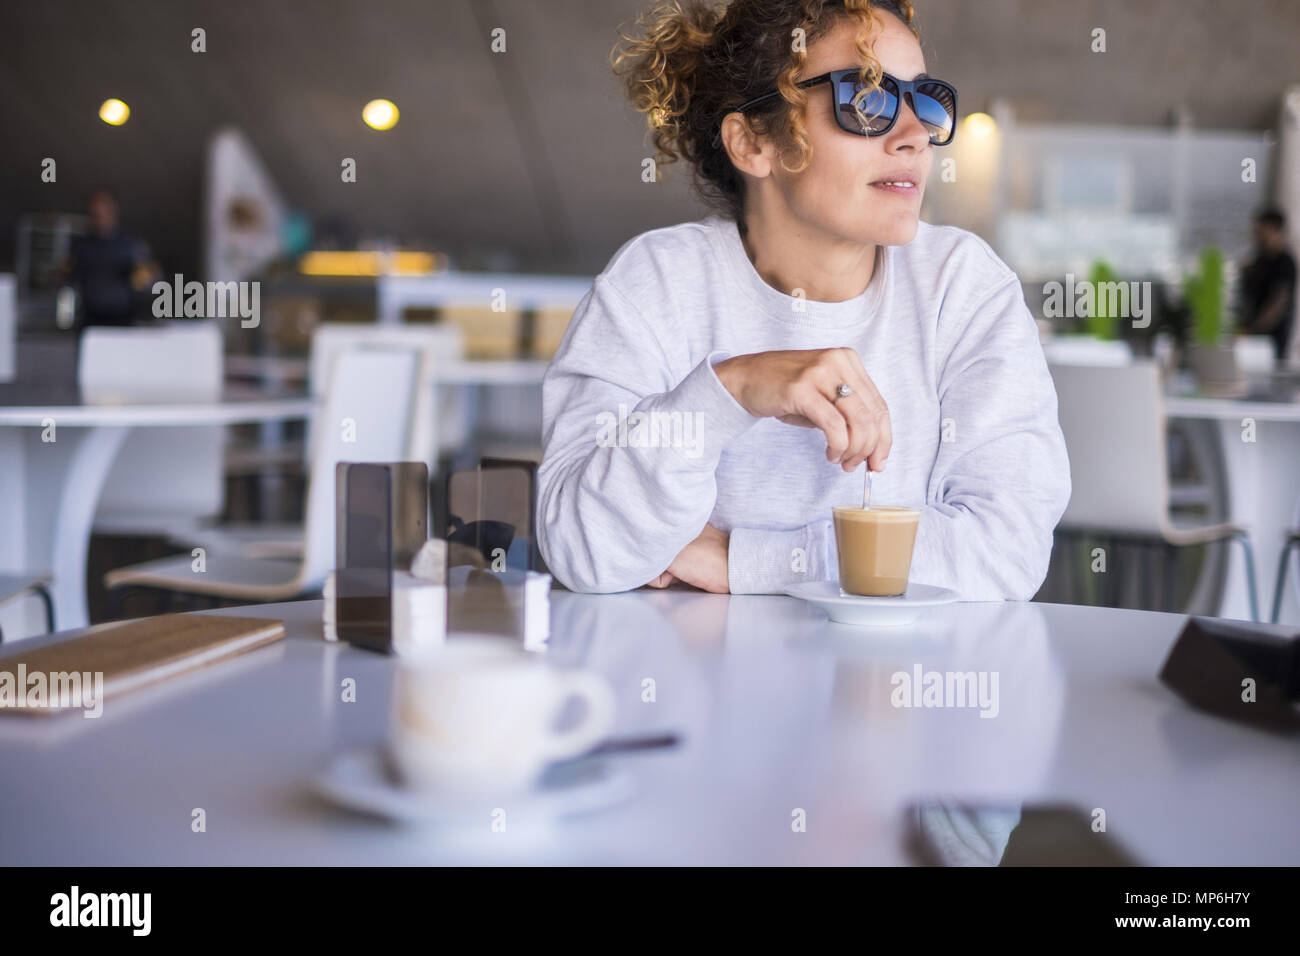 Schönen kaukasischen Frauen mittleren Alters mit Sonnenbrille, und trinken Sie einen Kaffee in einer Bar. outdoor Licht vom Fenster für eine Freizeit rest Moment während des Stockbild